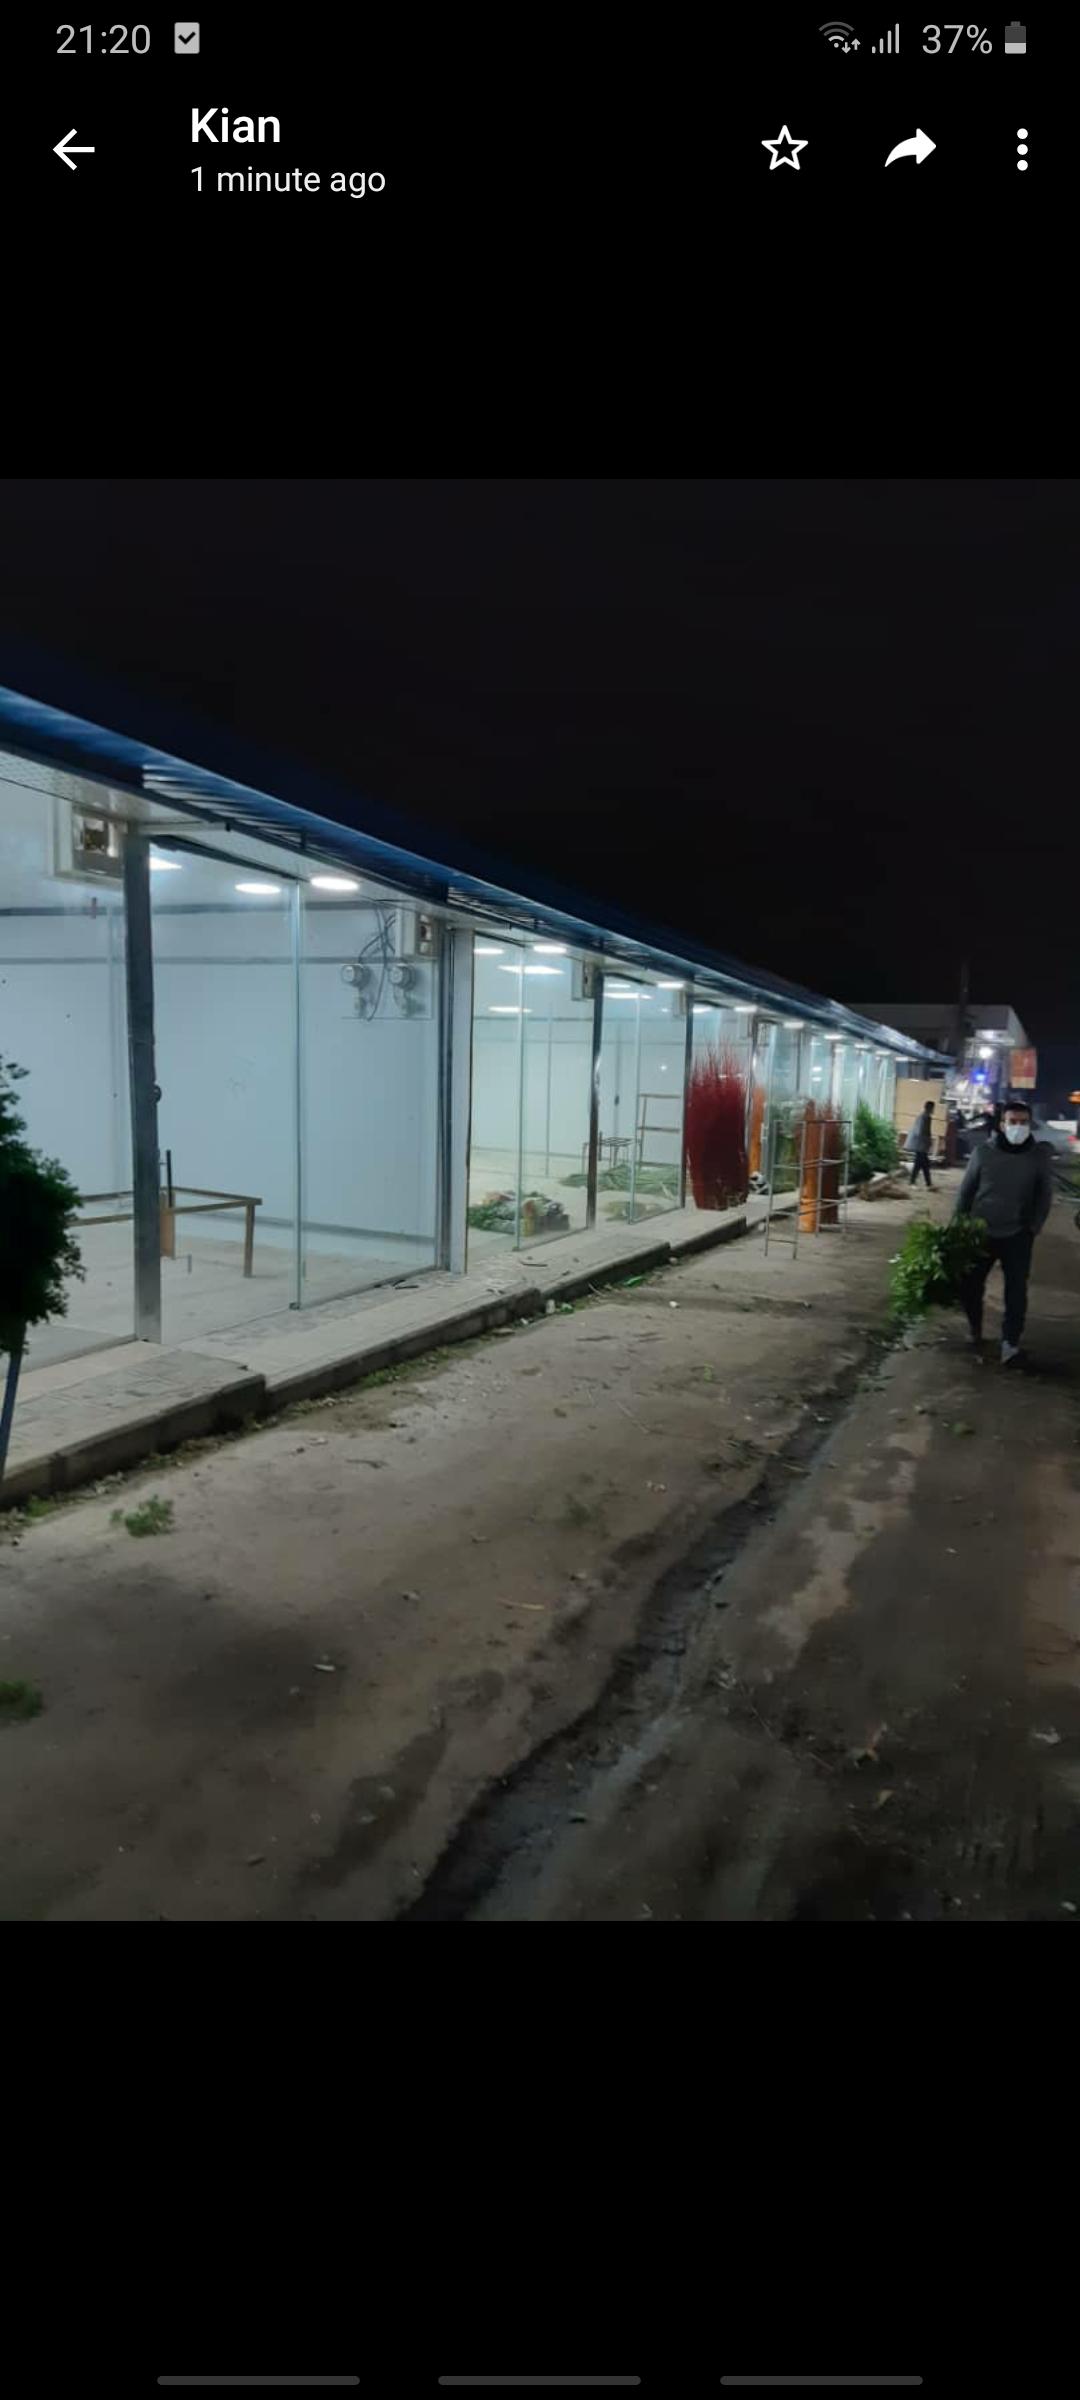 اجاره غرفه گل در بازار گل امام رضا